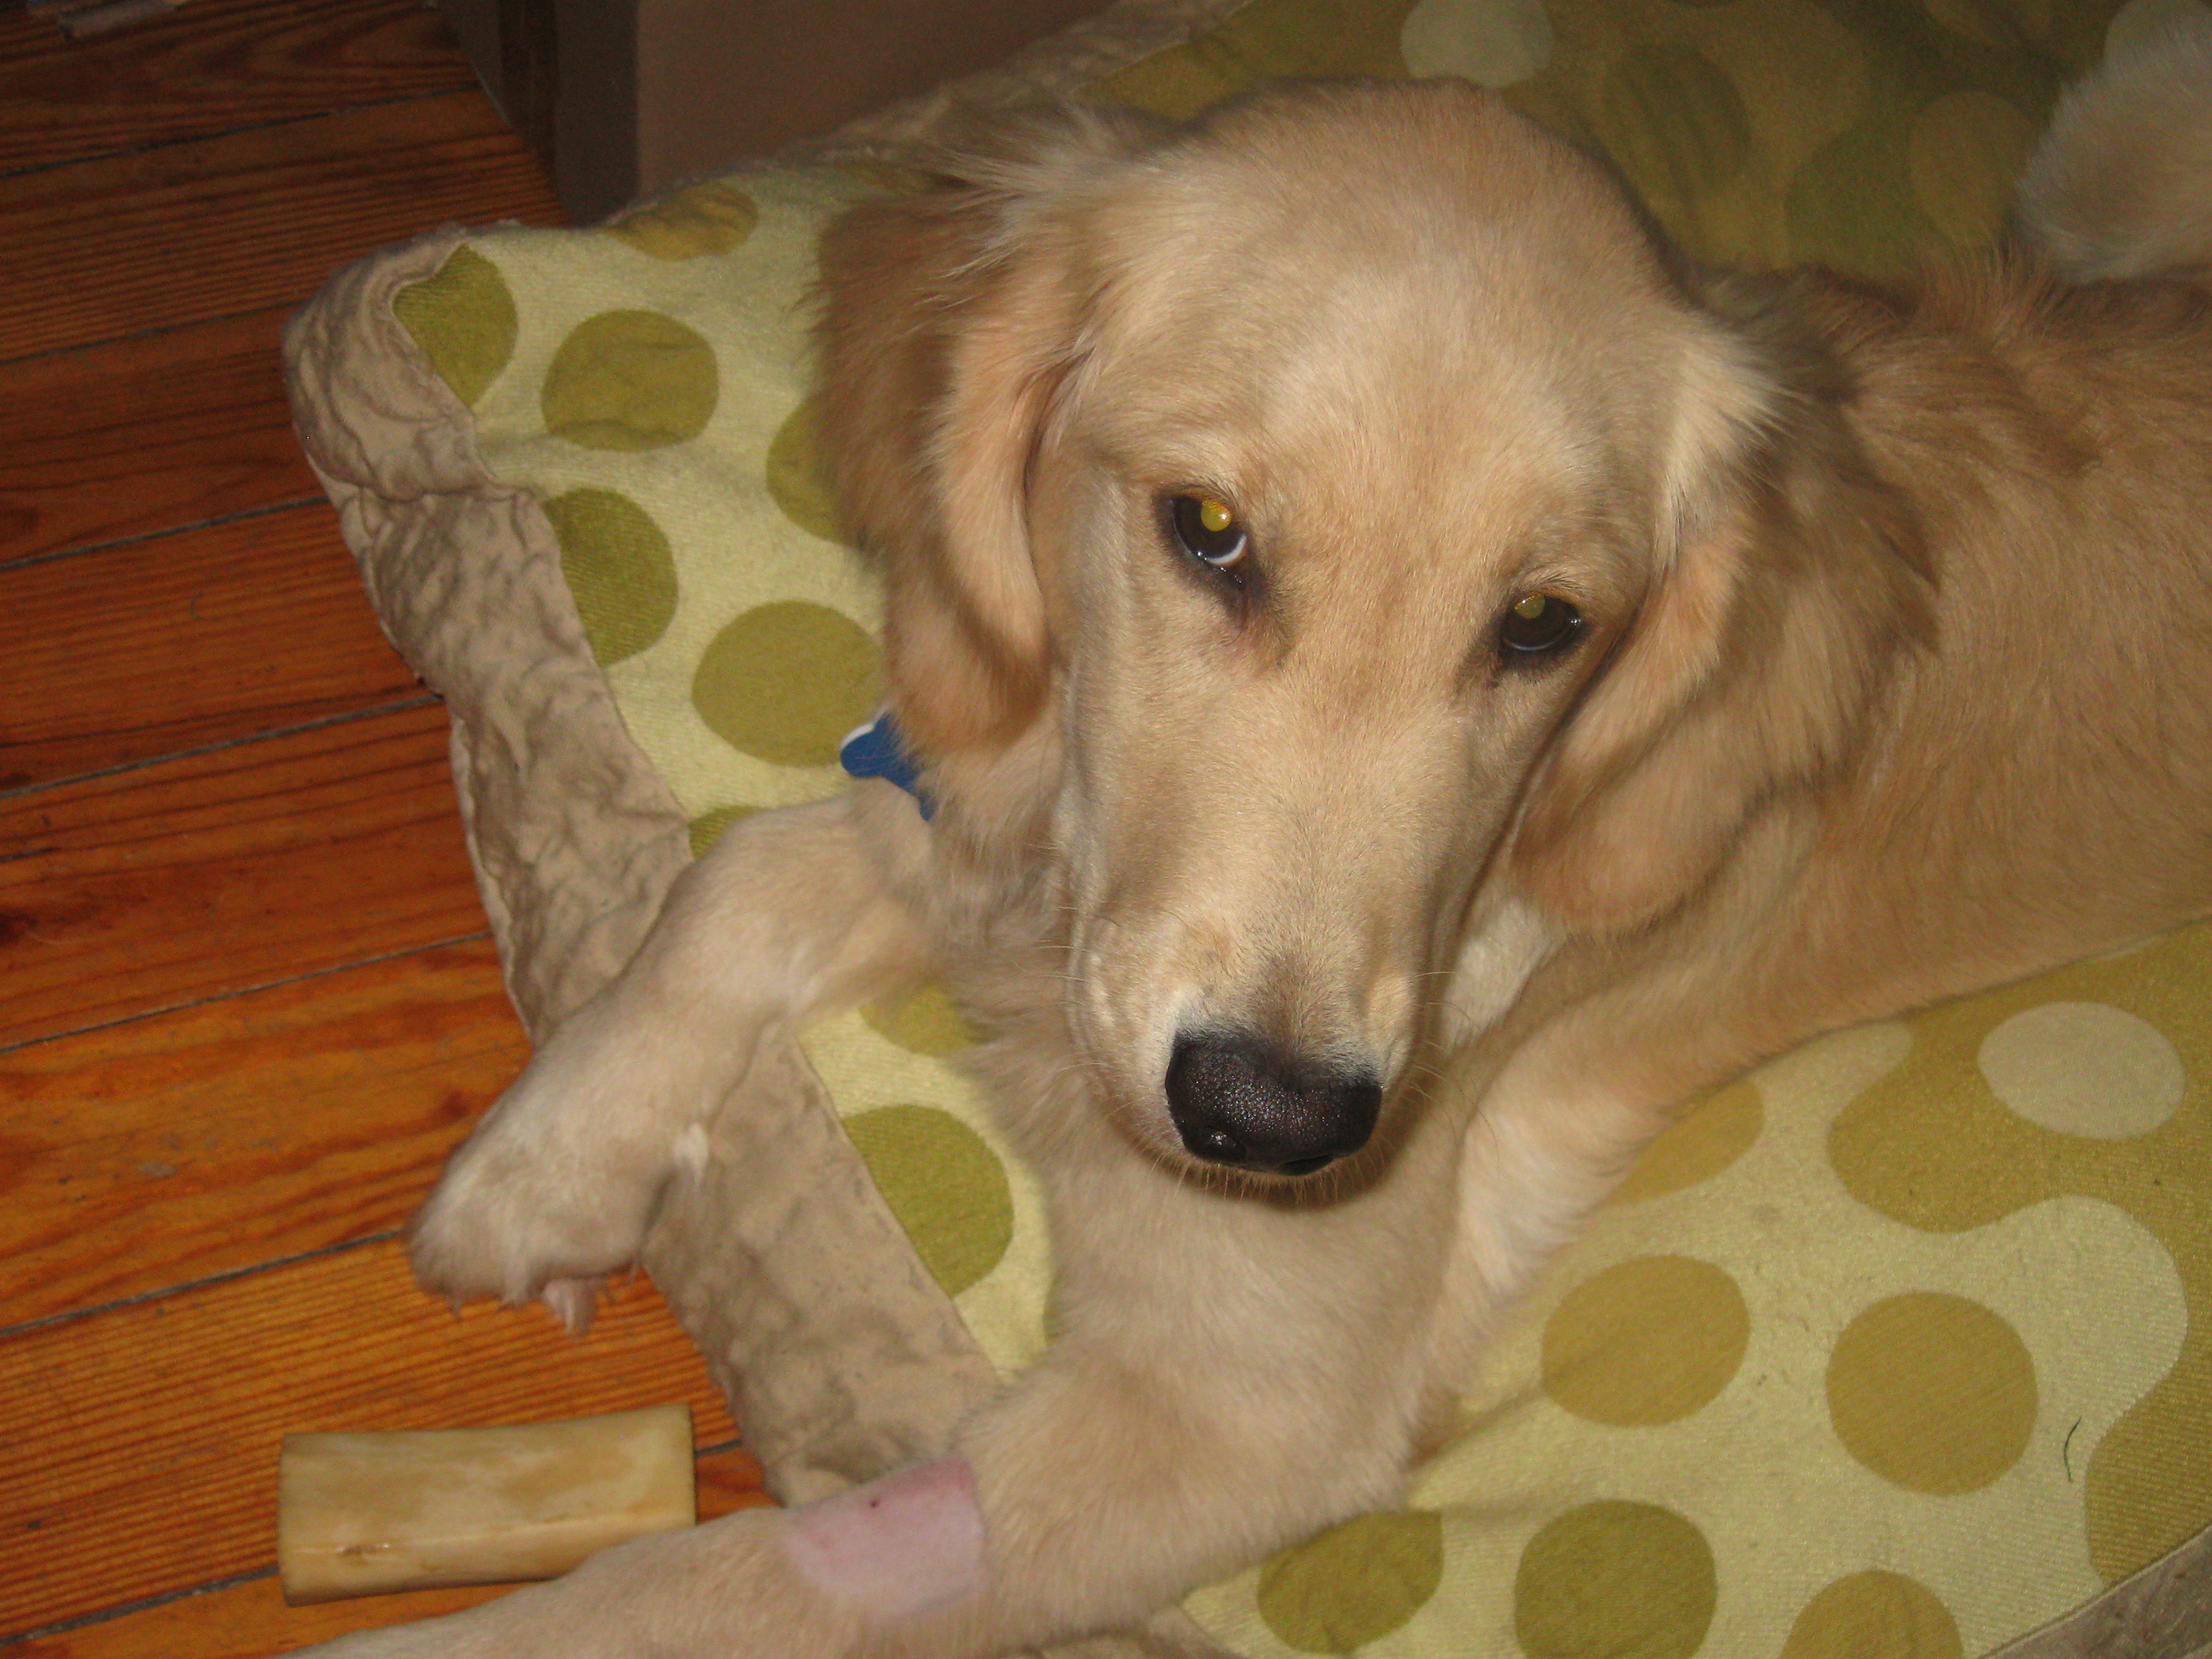 Golden Retriever Puppy on a Pillow.